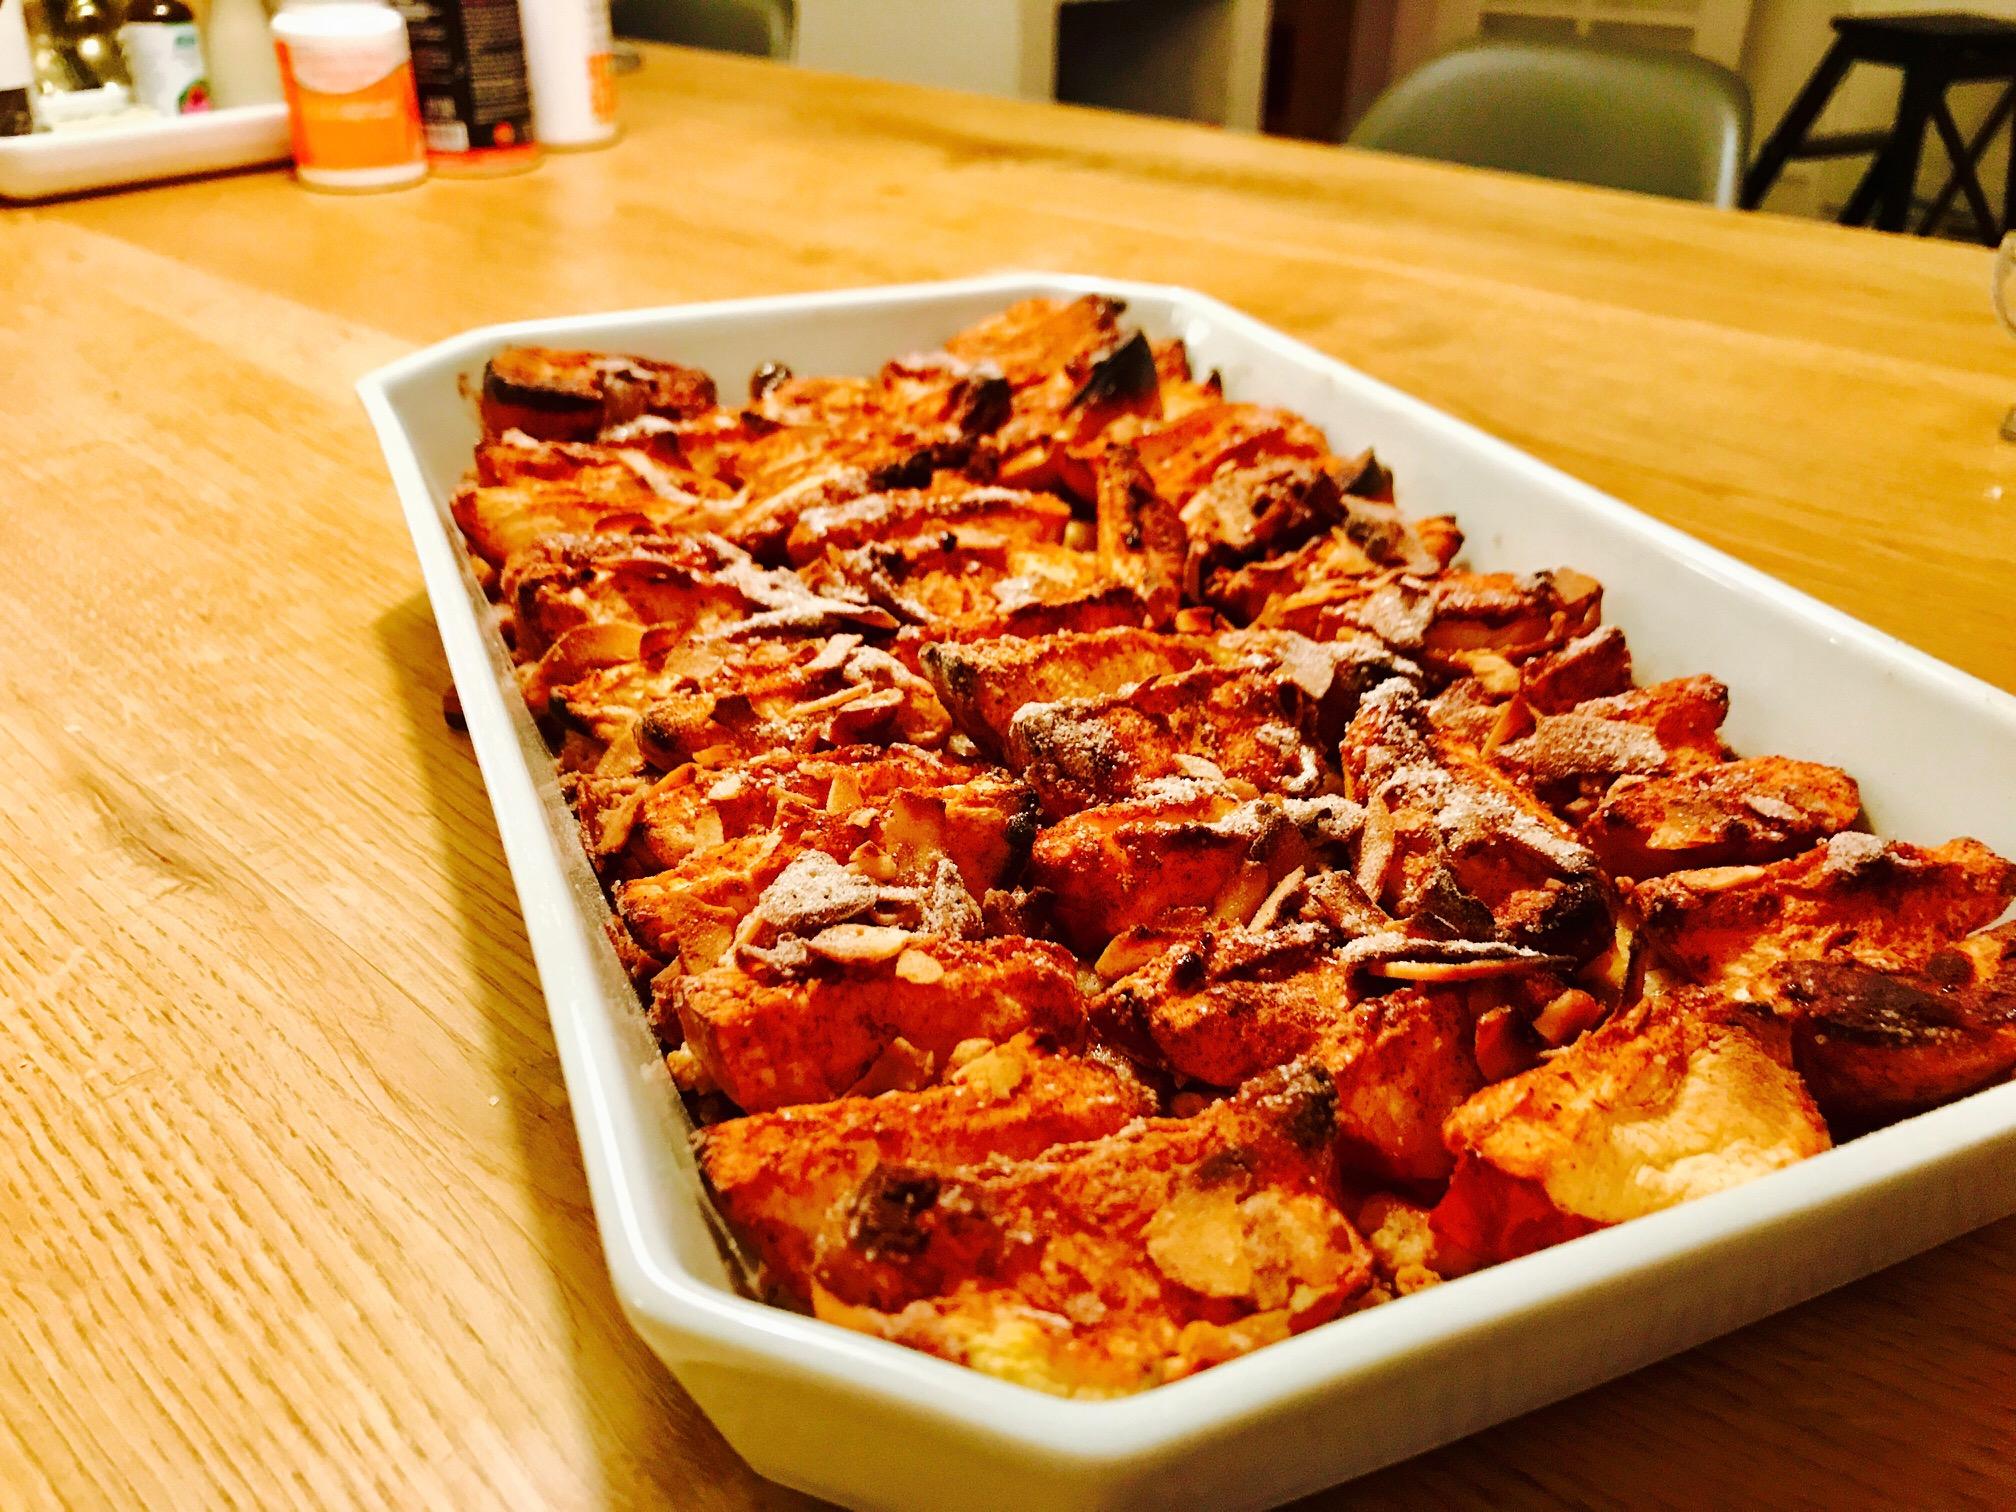 Her er en dejlig æblekage fra Oktober 2017. Den blev god!